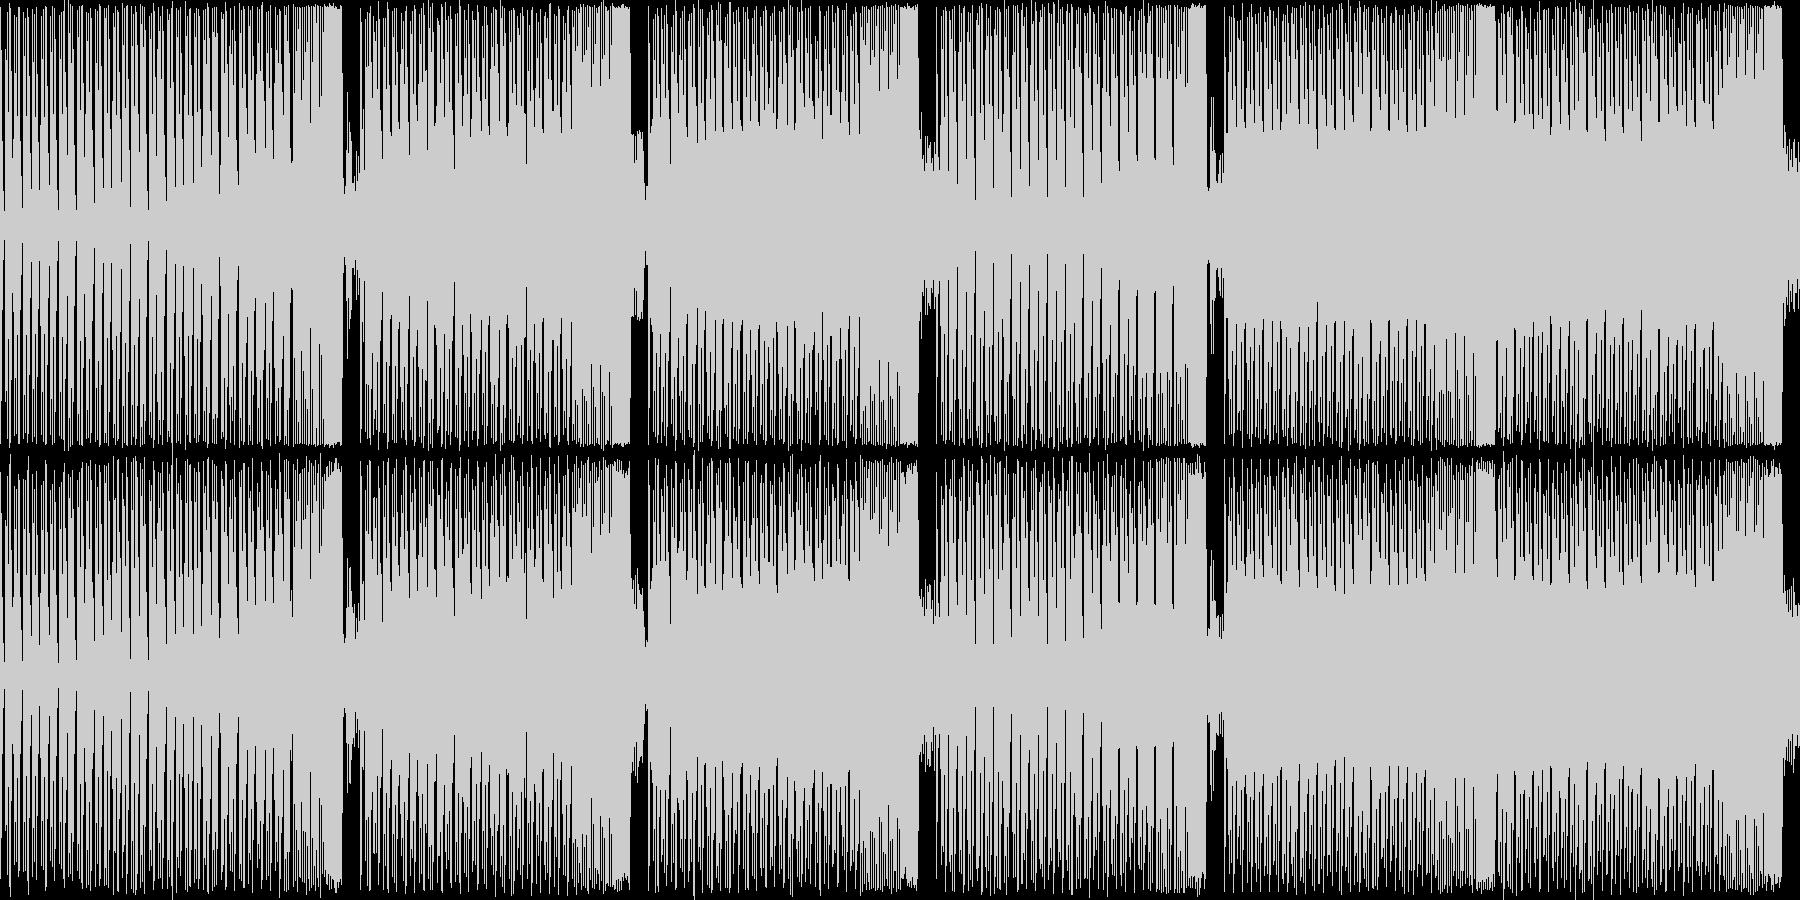 【軽快でコミカルなEDM】の未再生の波形